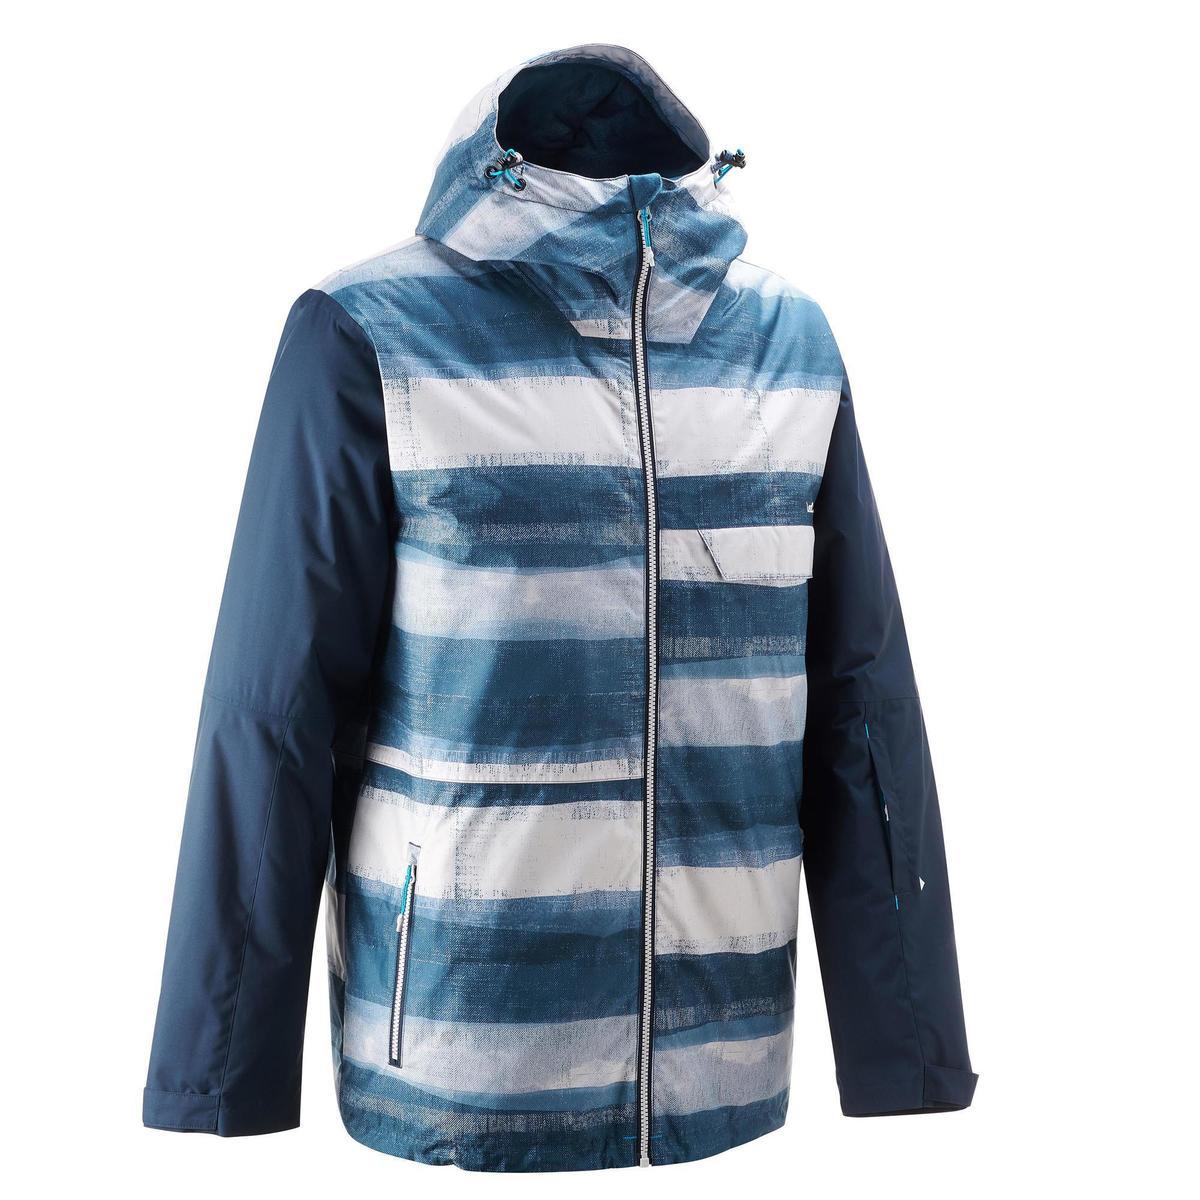 Bild 1 von Snowboardjacke SNB JKT 100 Herren Print blau